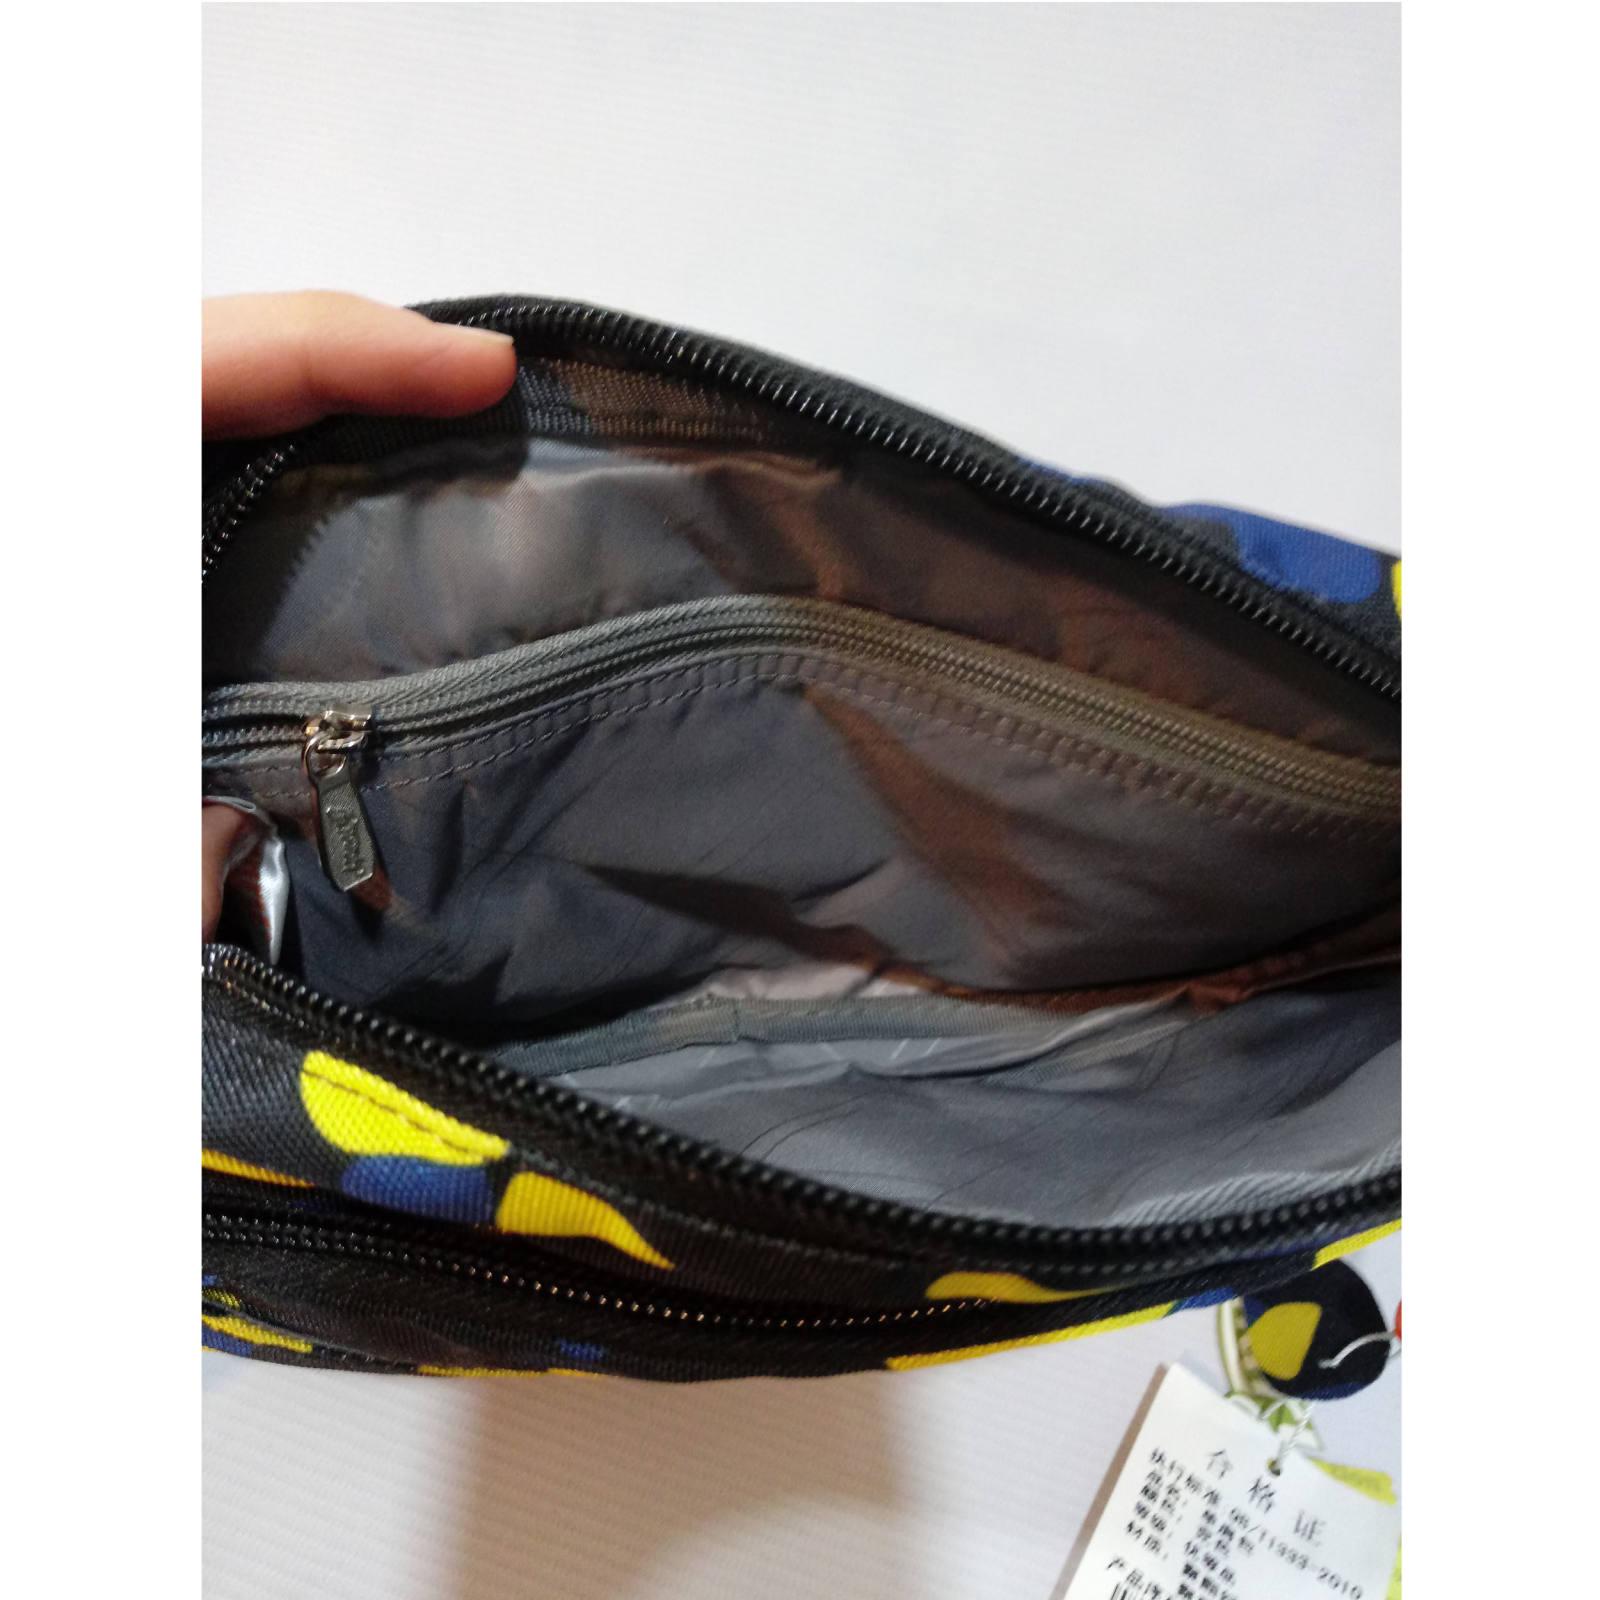 کیف رو دوشی هندری مدل 08 -  - 3